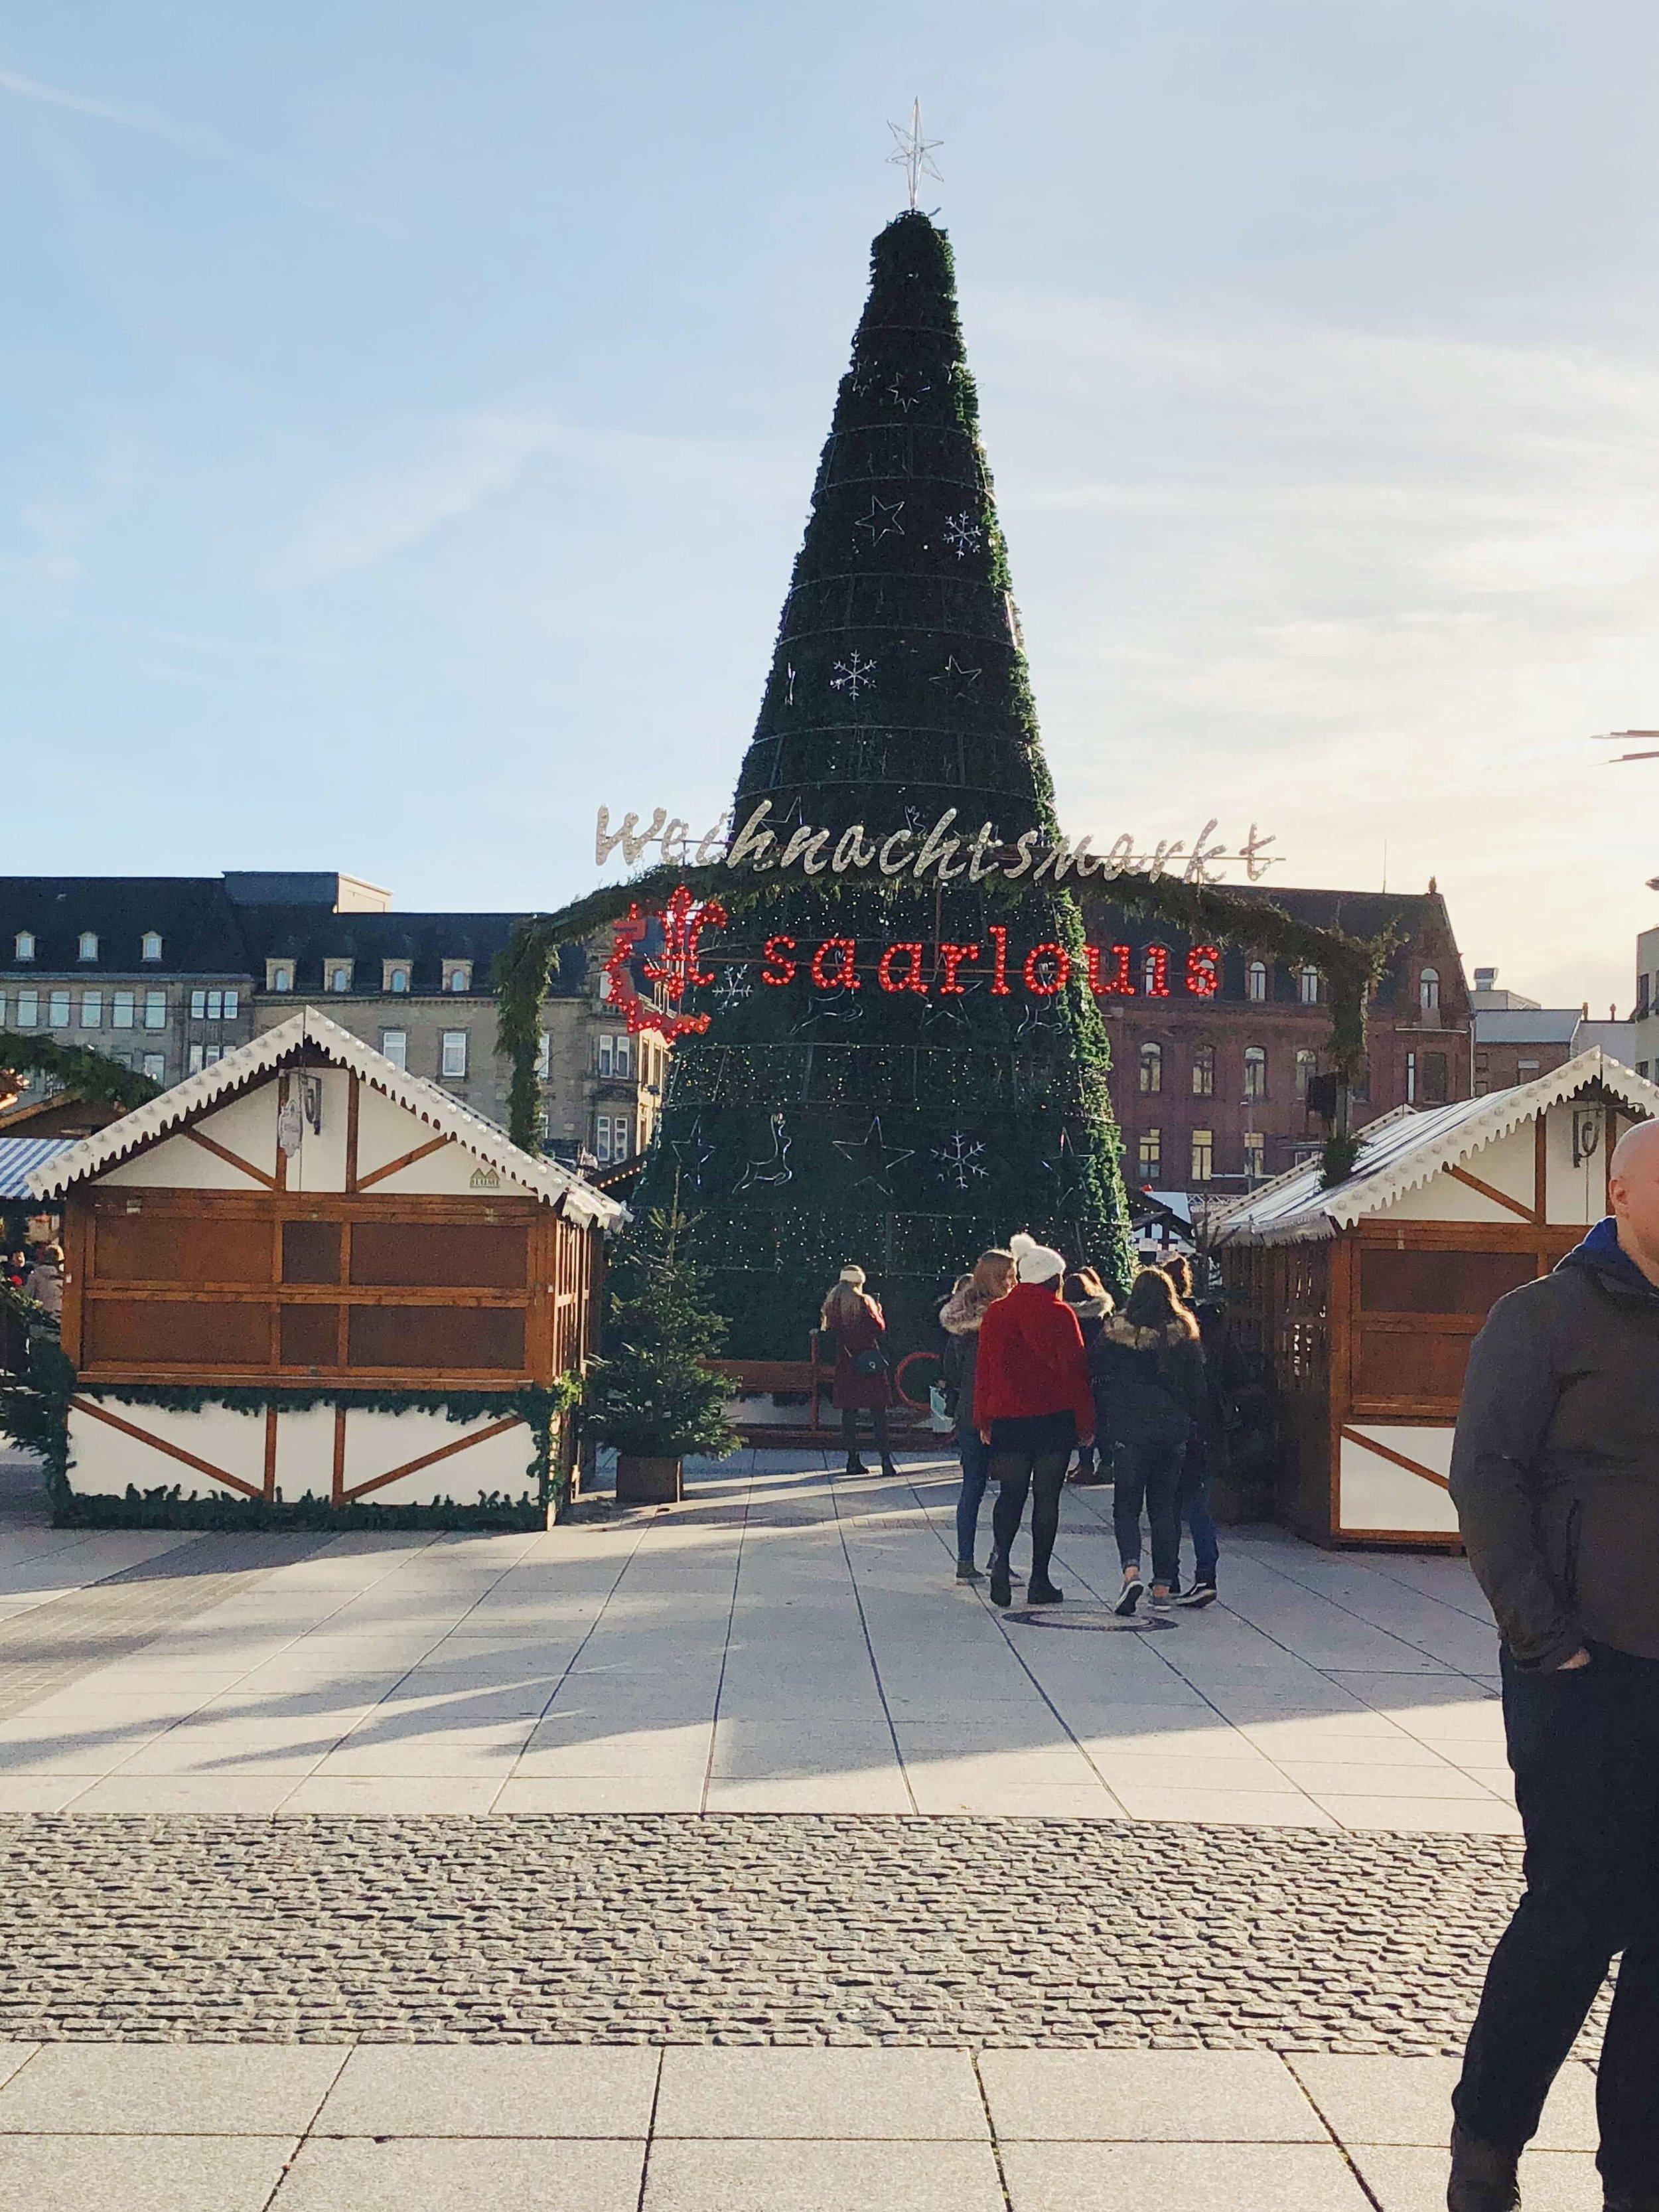 Saarlouis - Weihnachtsmarkt & Cafés